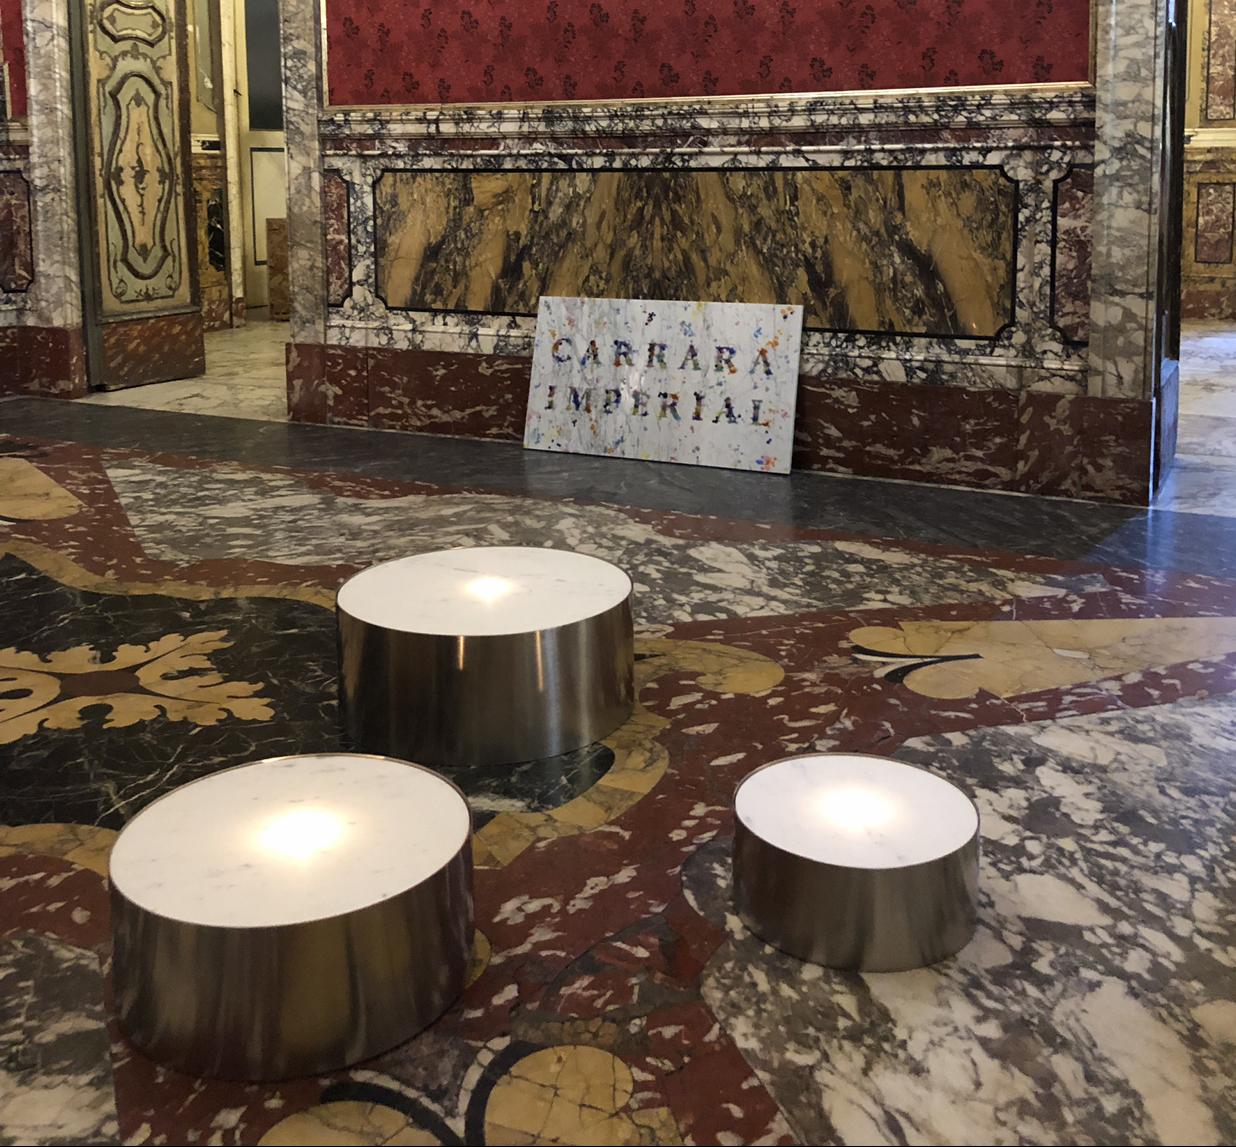 Michele Chiossi JUDD TEA LIGHT, 2019 marmo statuario, acciaio luce candela lumino Scultura reverie minimalismo Donald installazione